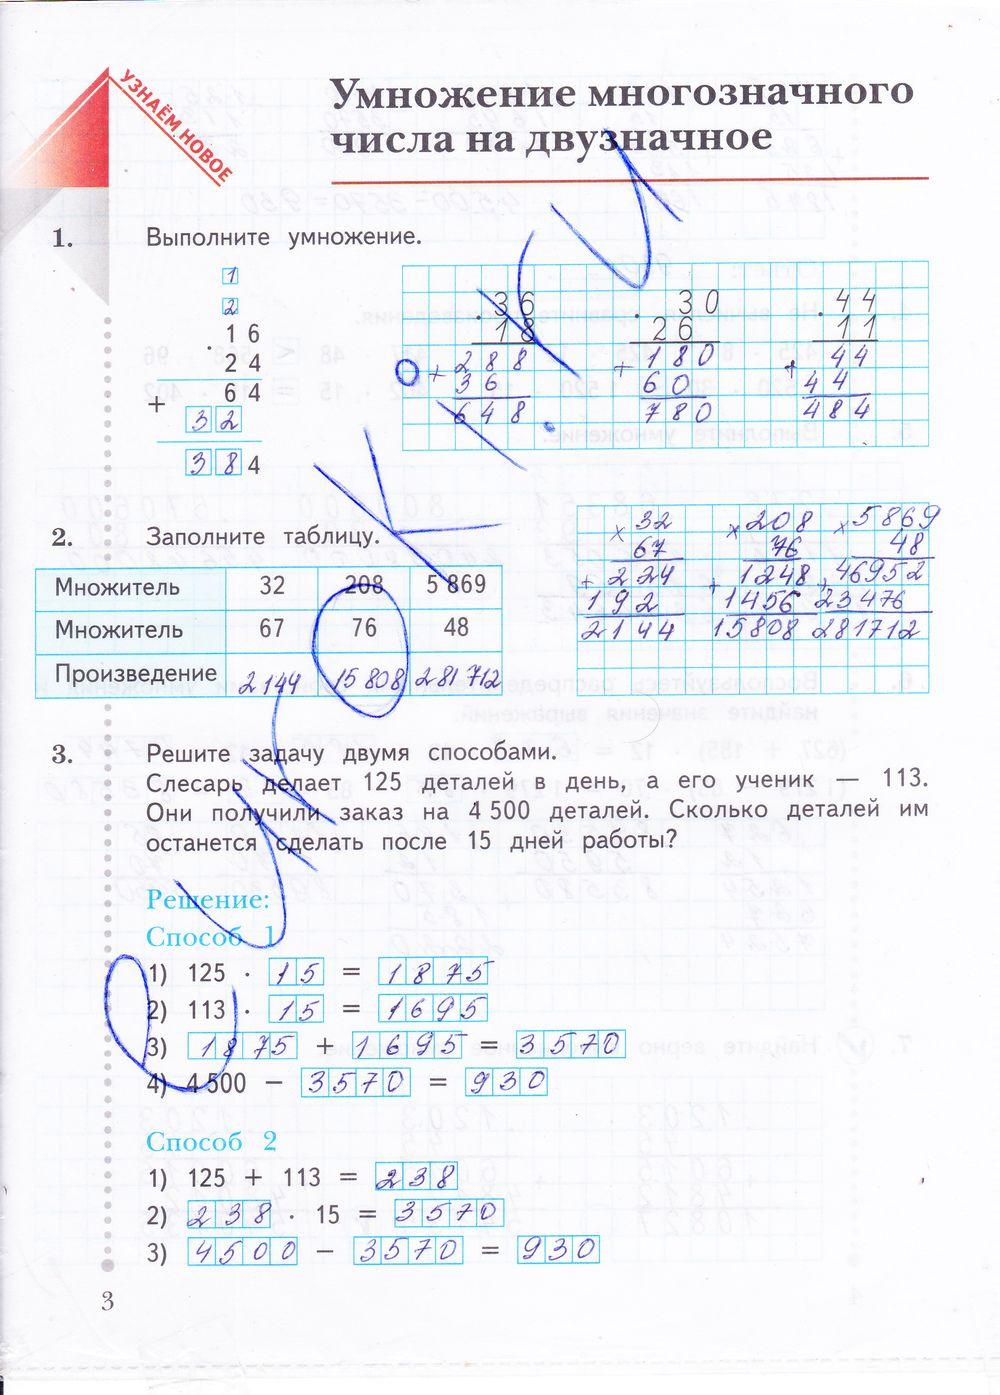 Скачать олимпиадные задачи по физике 7 класс